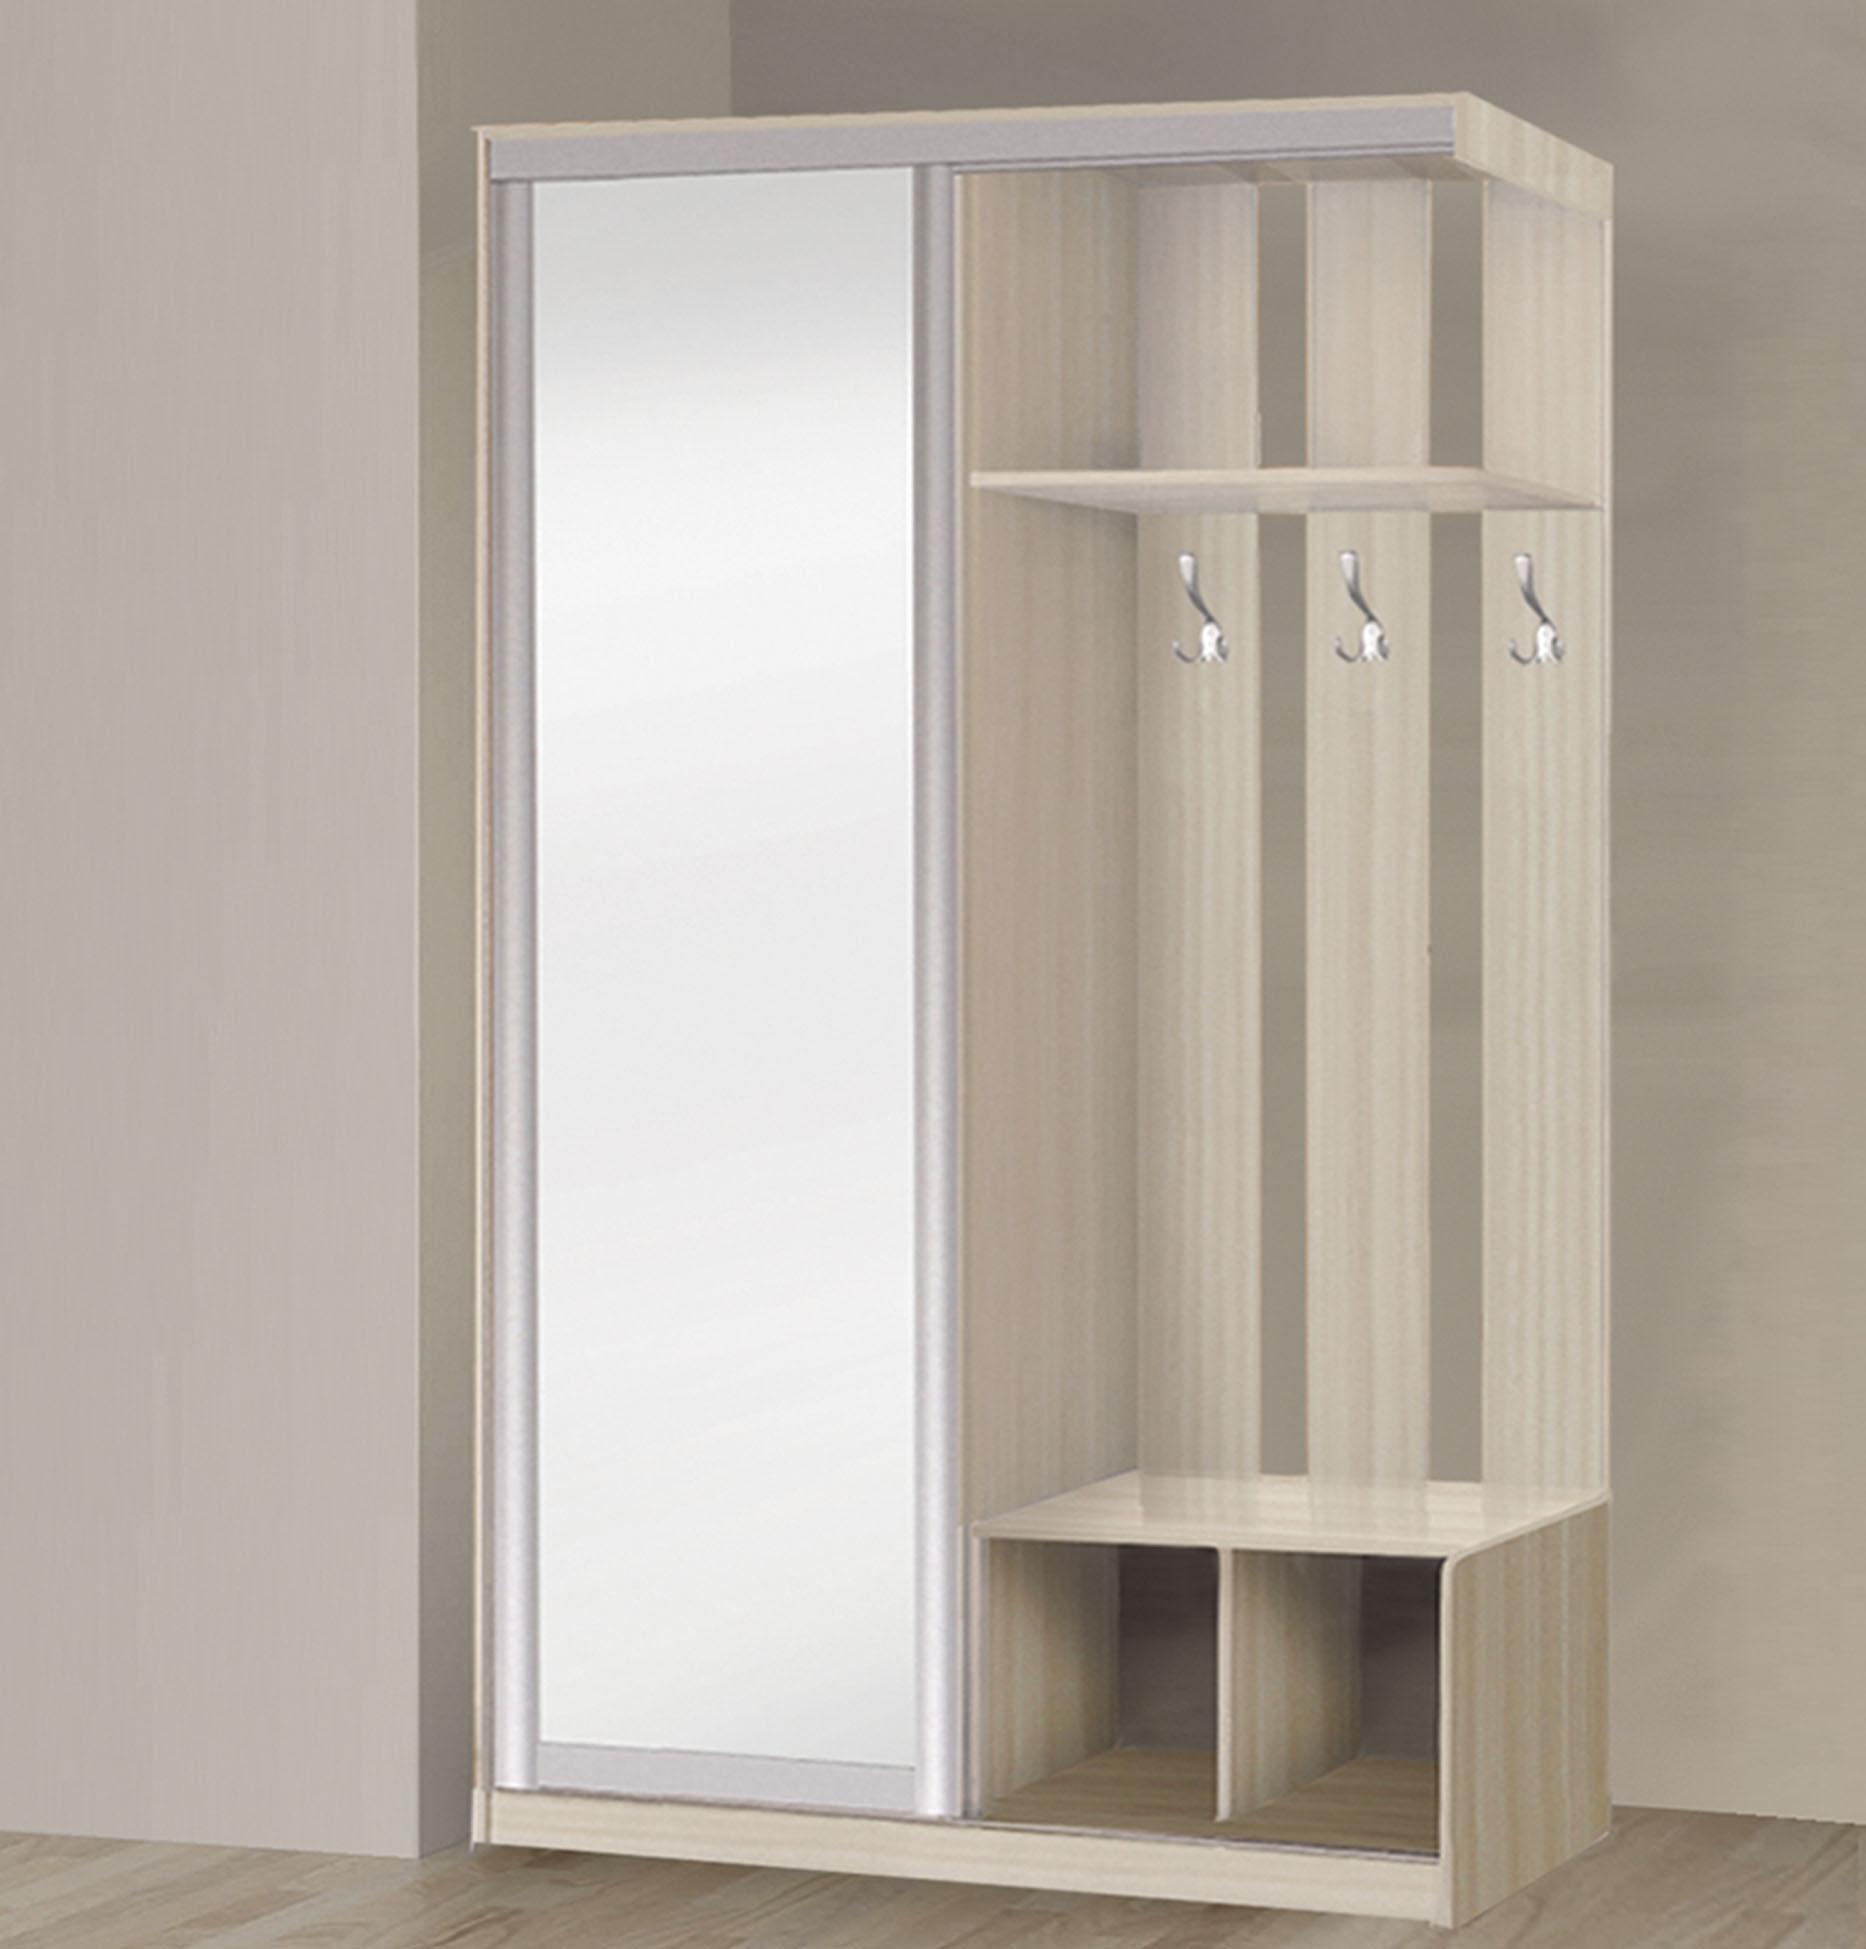 1-дверная прихожая-купе Боровичи-мебель